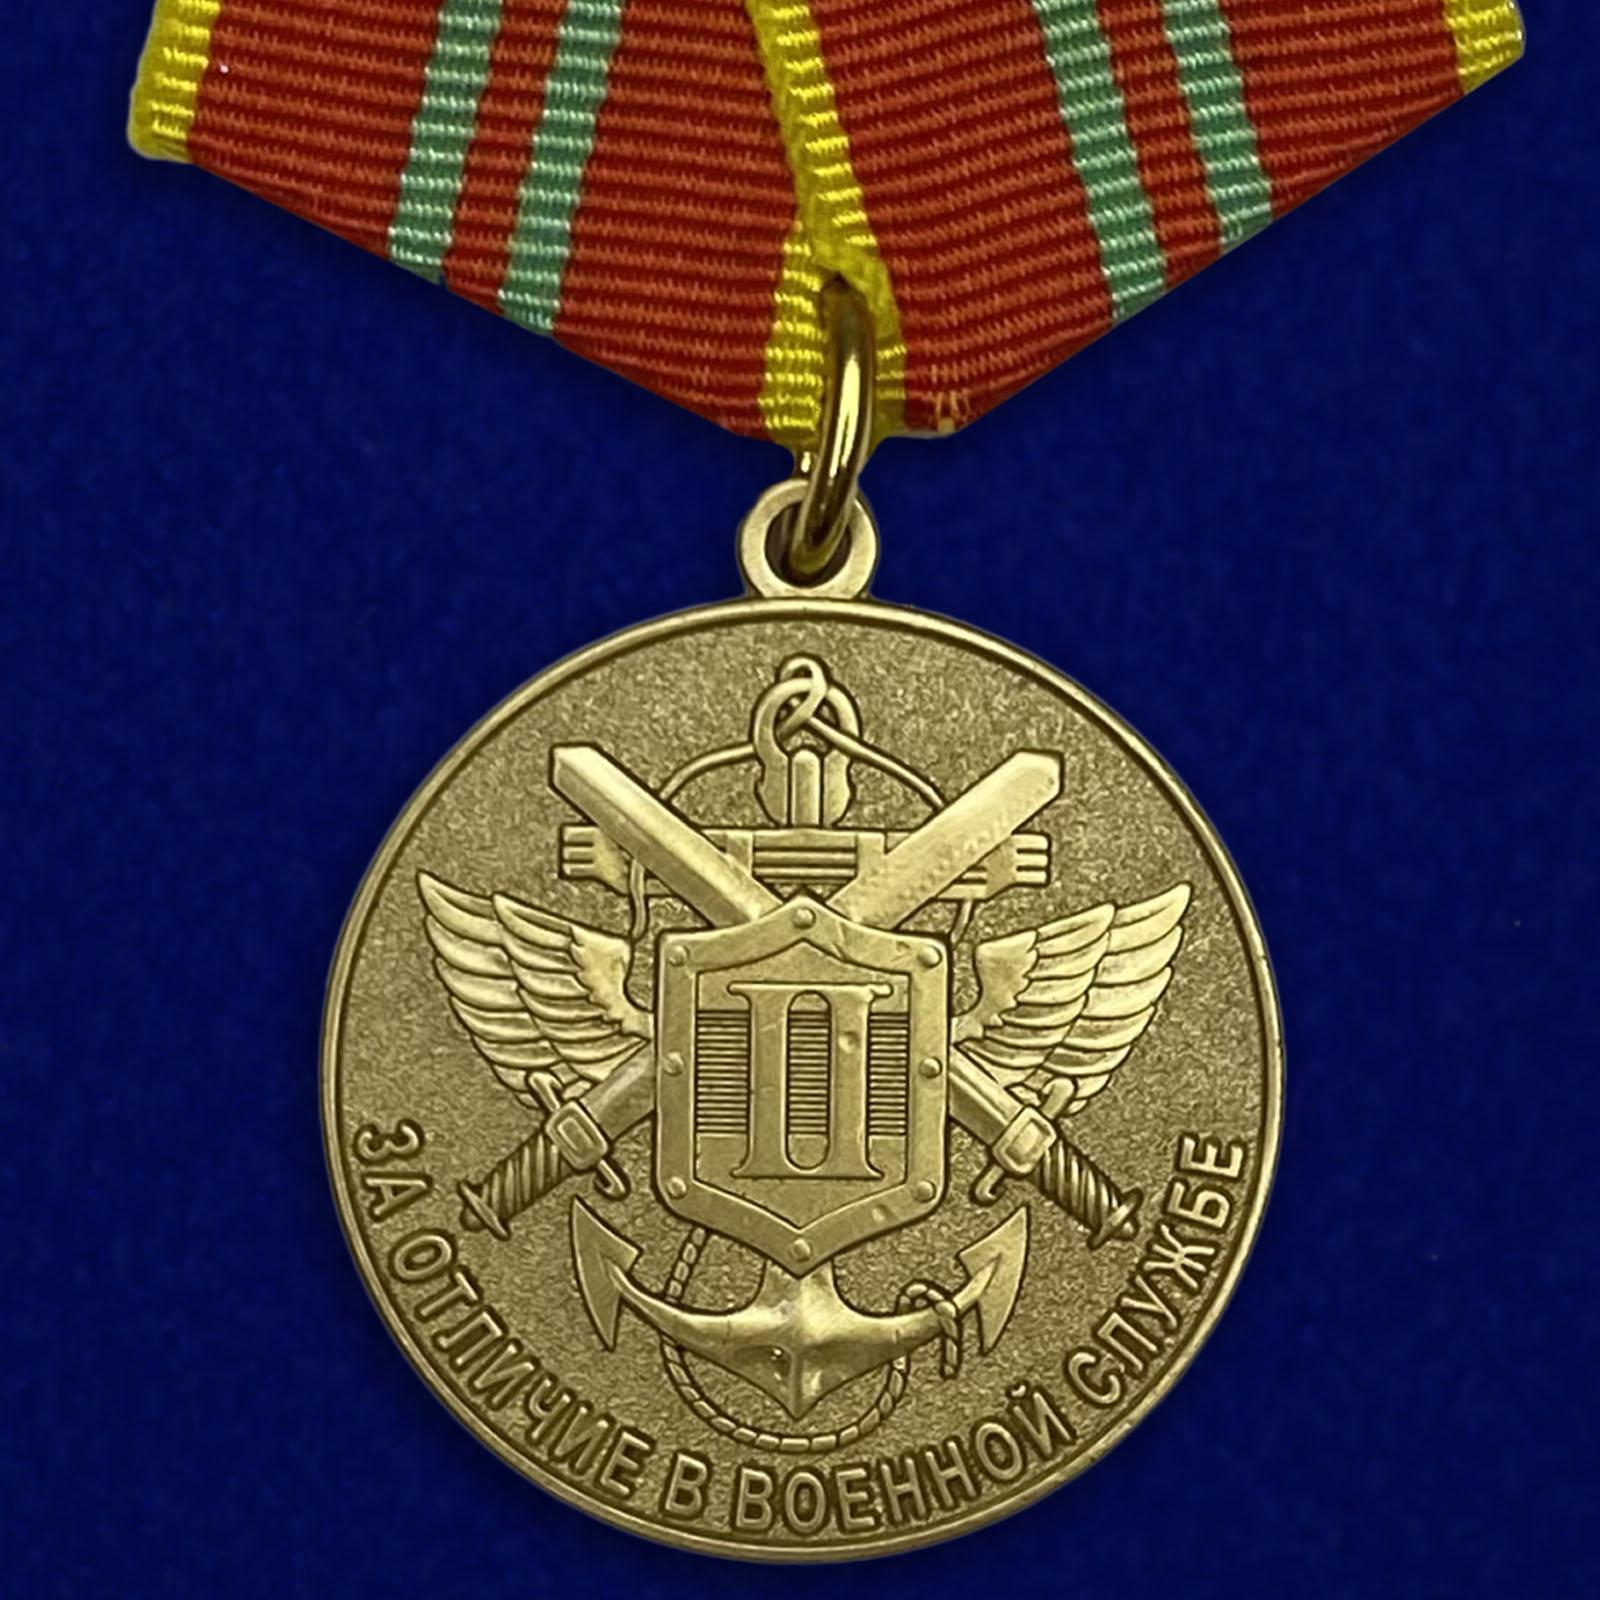 Купить медаль МЧС За отличие в военной службе 2 степень на подставке онлайн